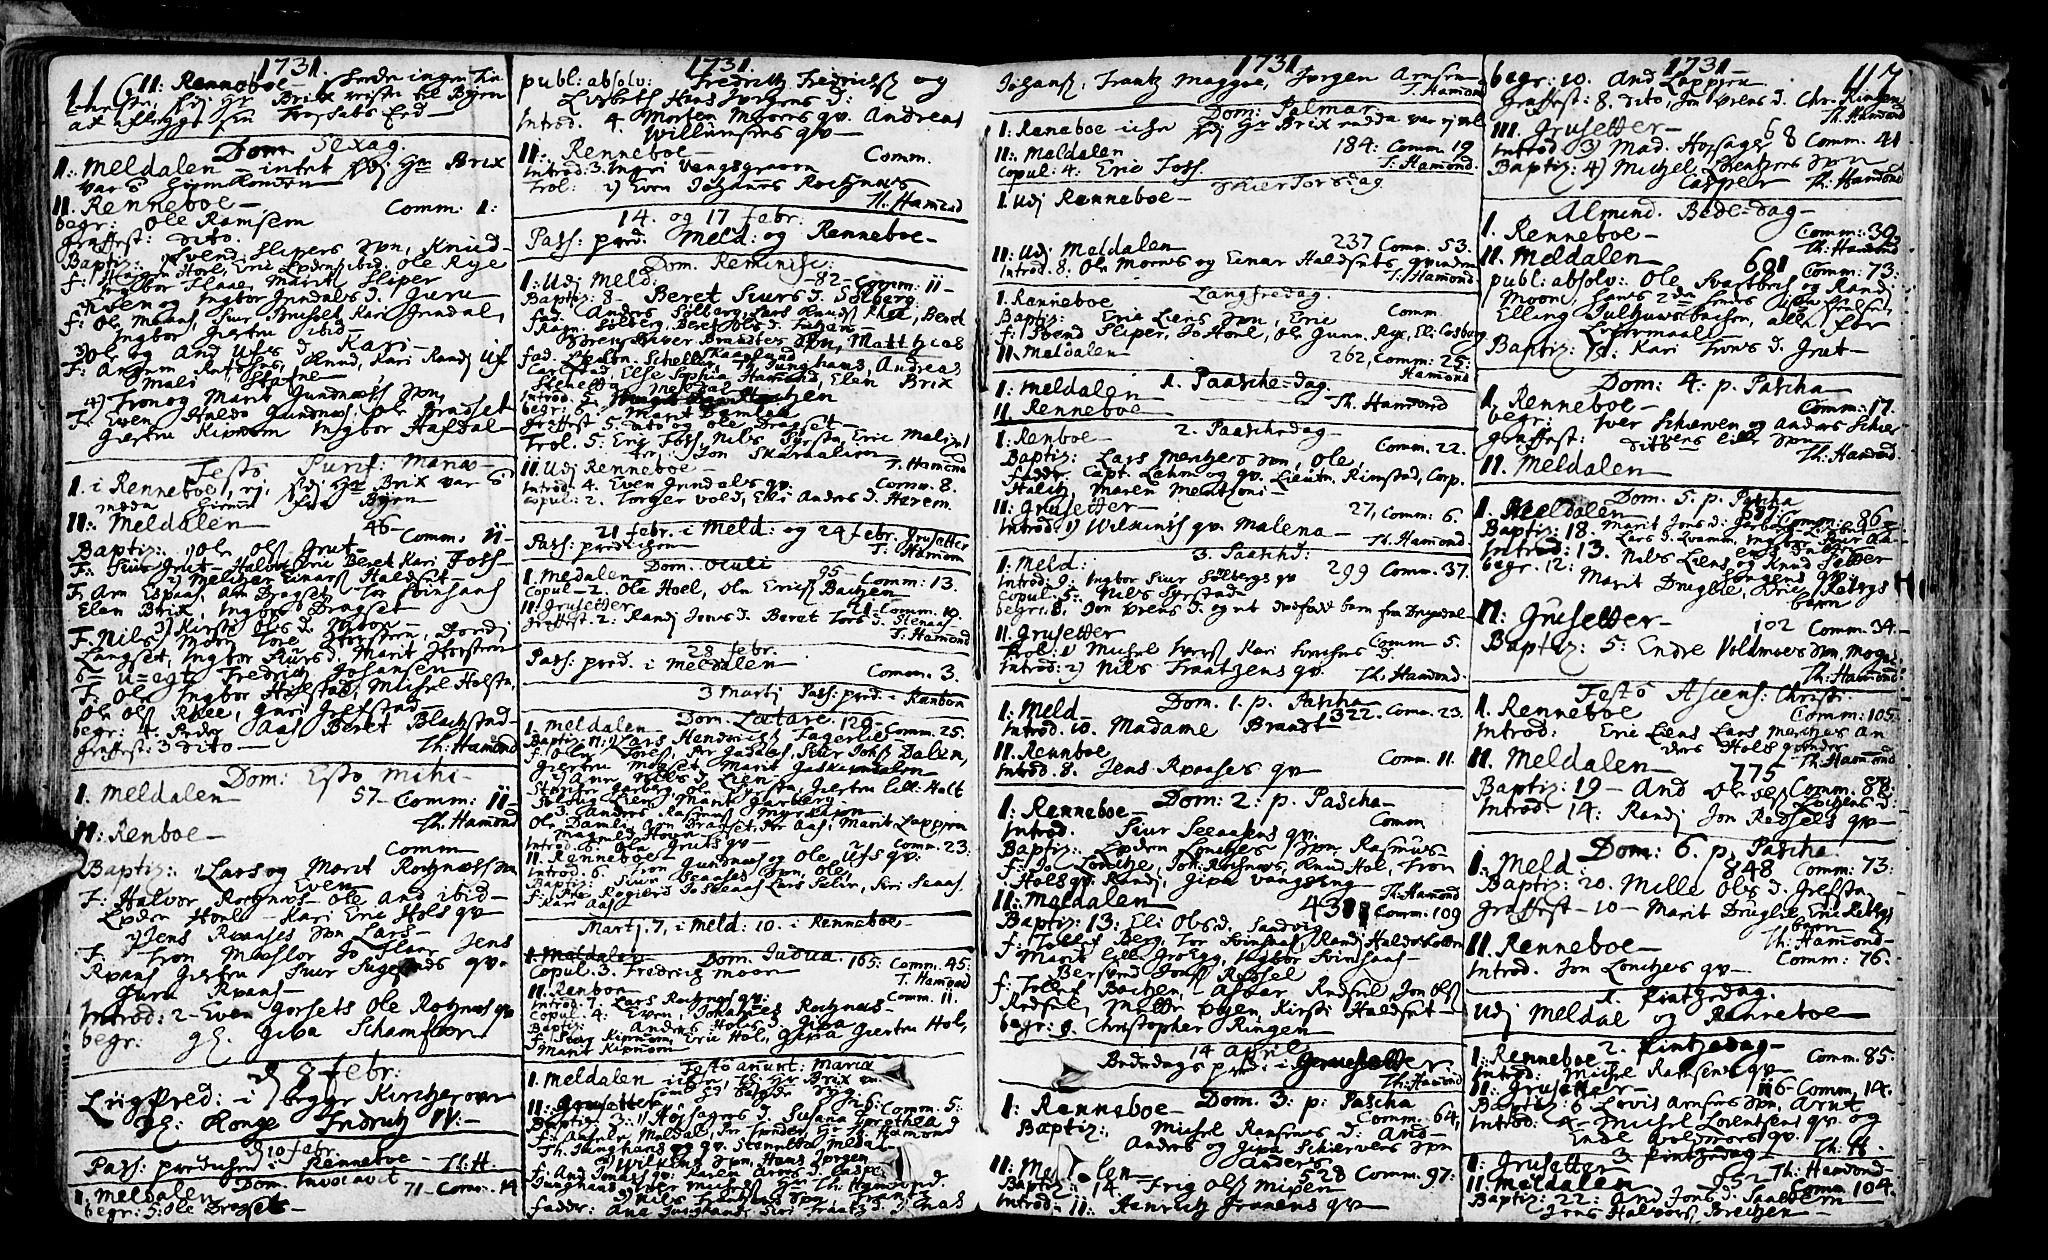 SAT, Ministerialprotokoller, klokkerbøker og fødselsregistre - Sør-Trøndelag, 672/L0850: Ministerialbok nr. 672A03, 1725-1751, s. 116-117